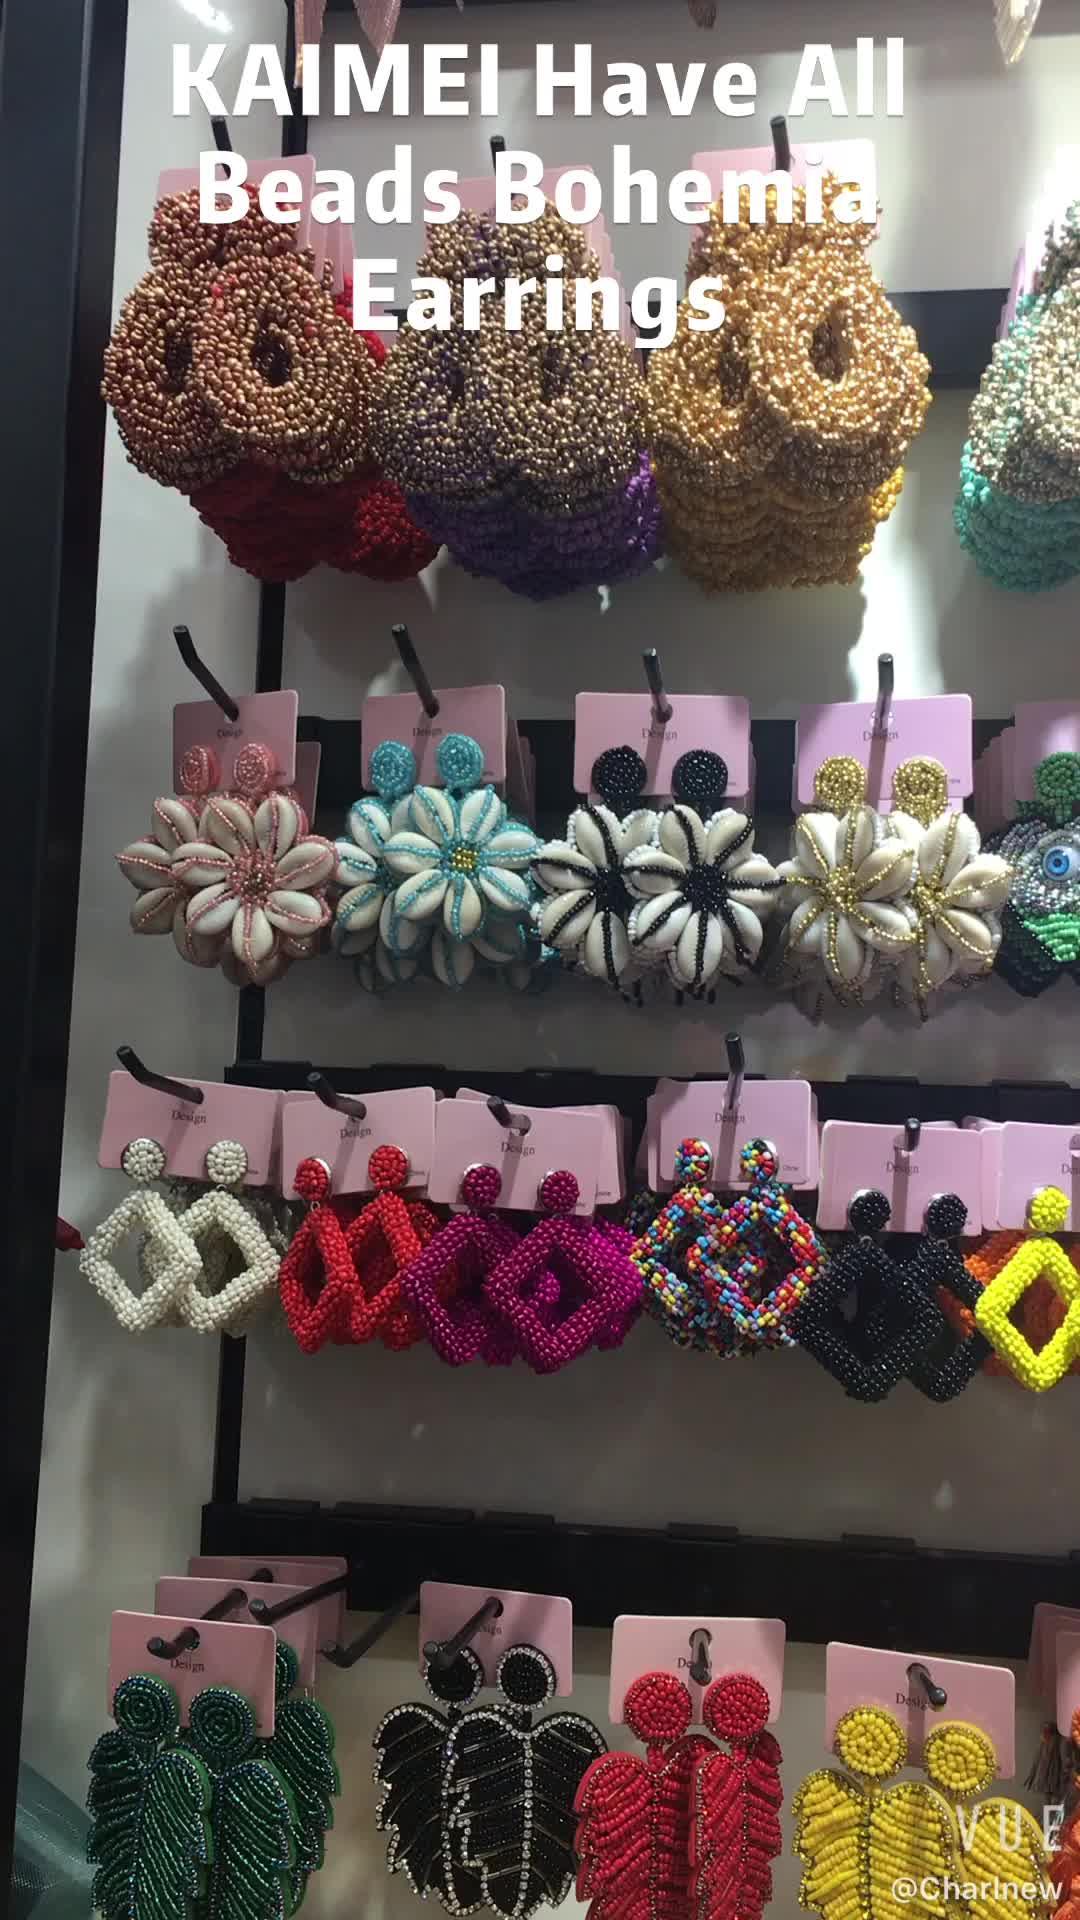 Boucles d'oreilles Kaimei BA Style vert bleu perles pour femmes 2019 bohème luxe bijoux déclaration gland graine perlée boucles d'oreilles cadeaux